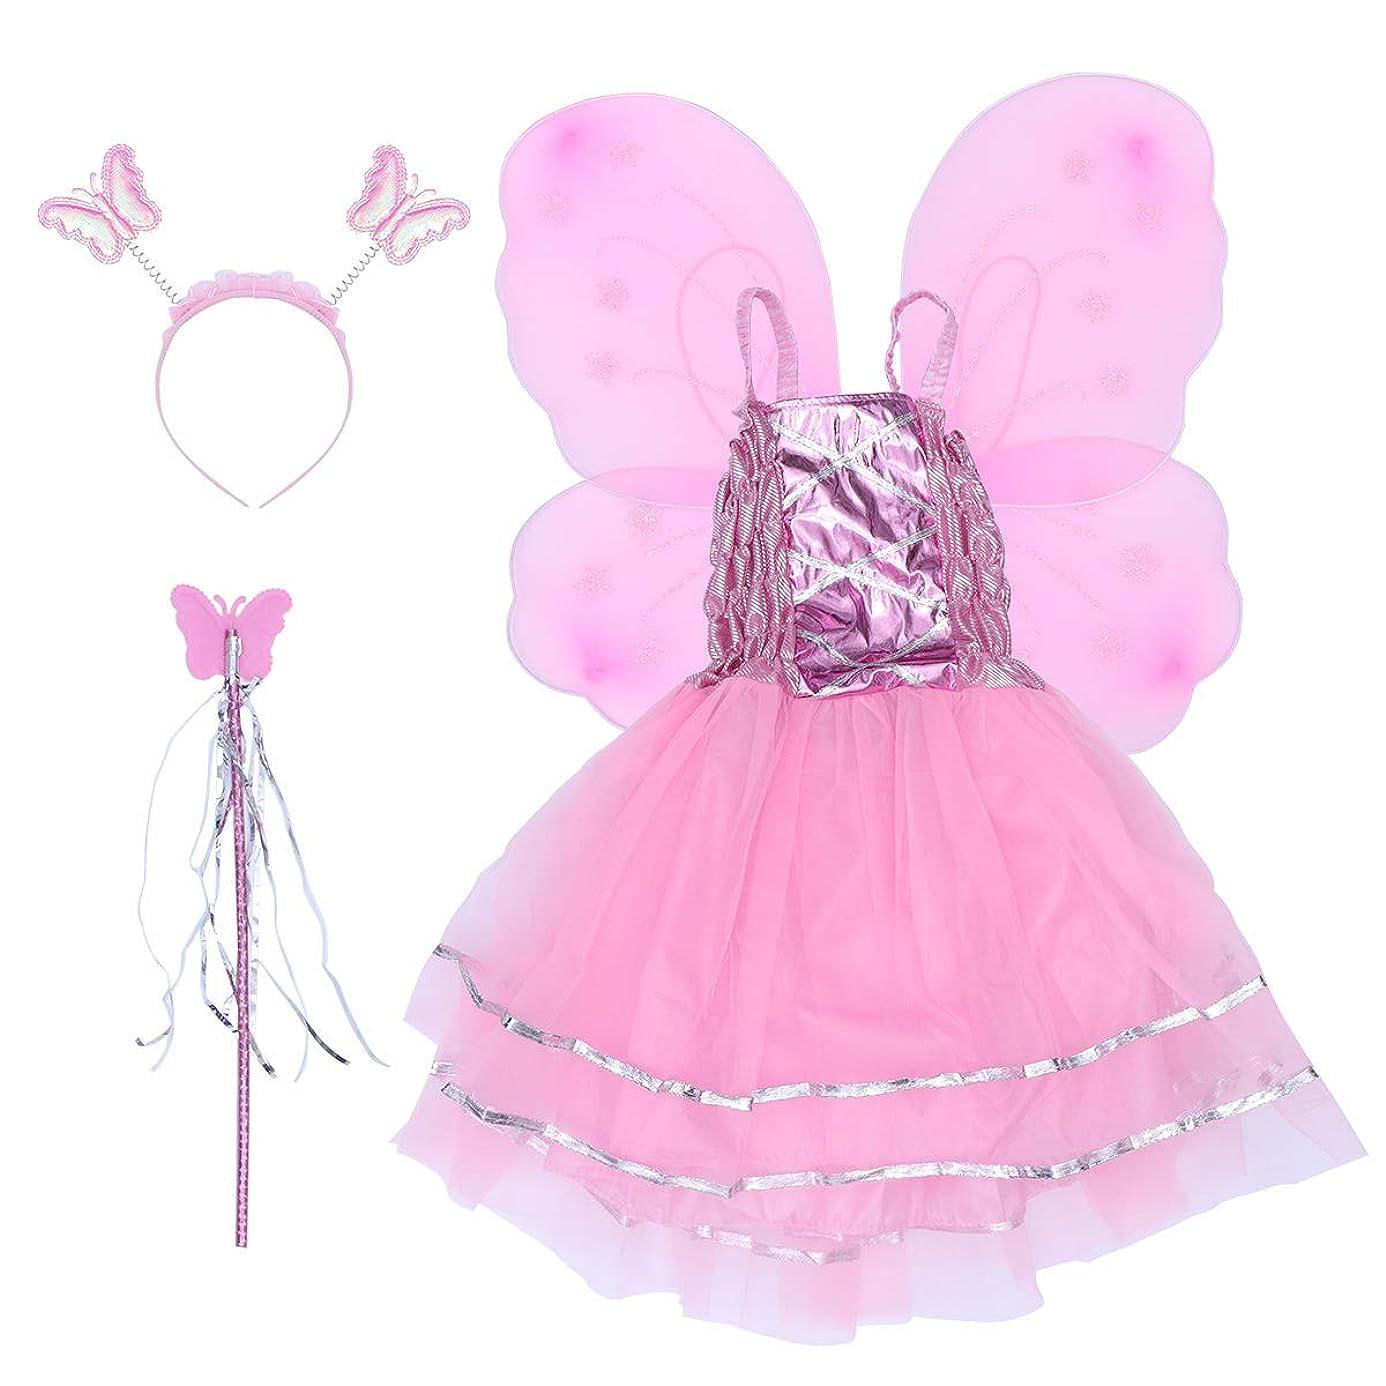 哲学博士ミュージカル絶滅BESTOYARD 4本の女の子バタフライプリンセス妖精のコスチュームセットバタフライウィング、ワンド、ヘッドバンドとツツードレス(ピンク)